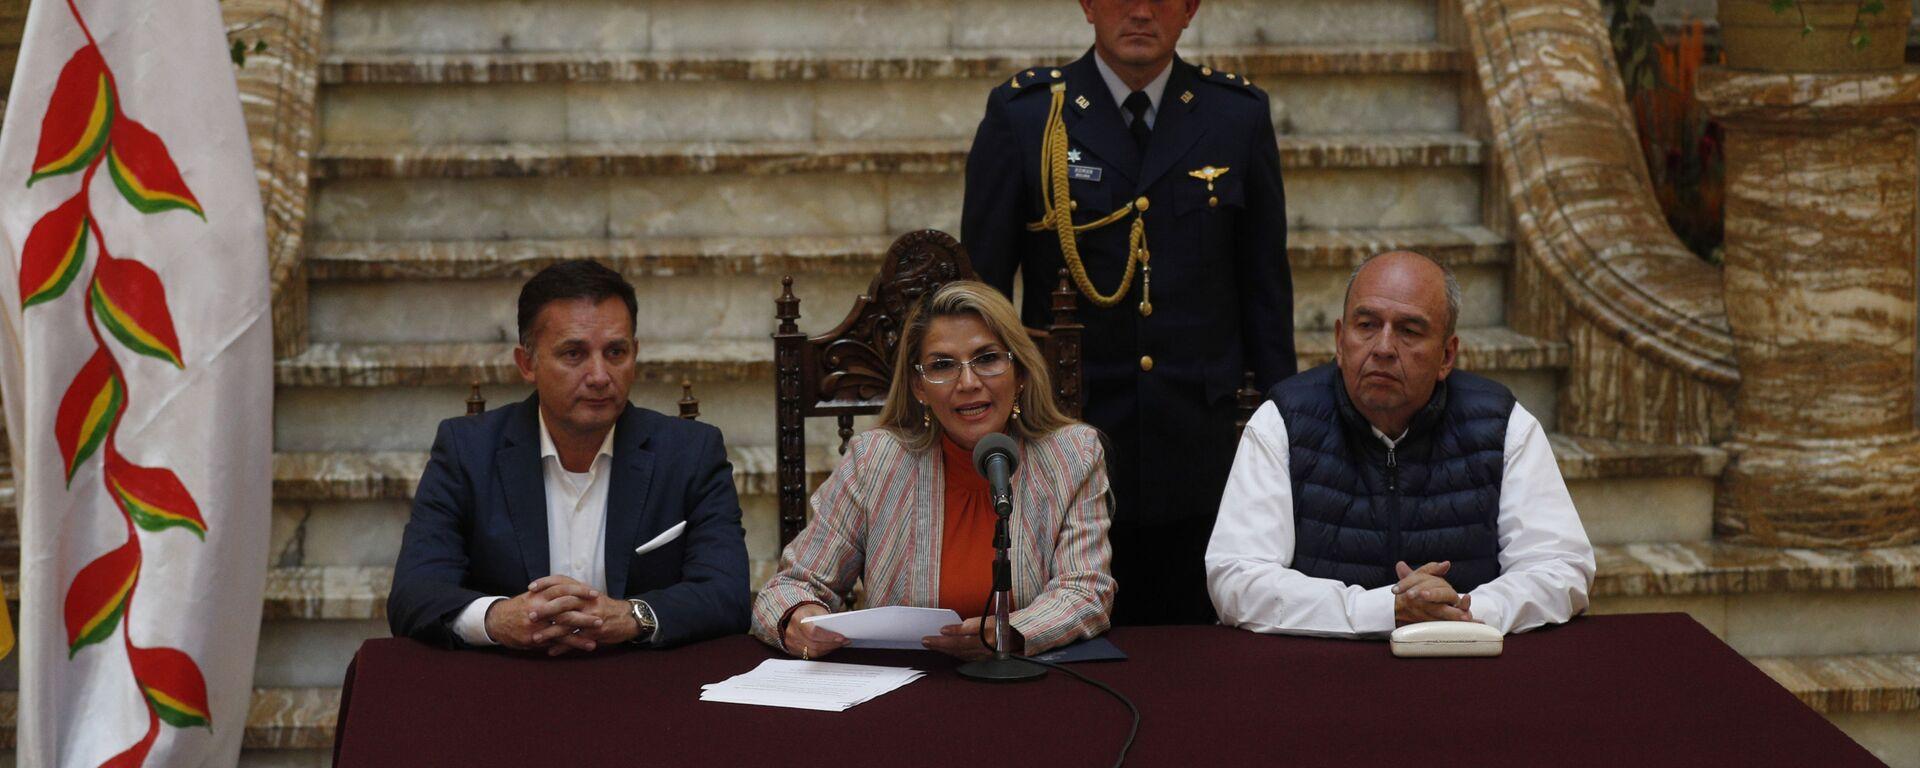 Los titulares de Gobierno de Bolivia, Arturo Murillo, y de Defensa, Luis Fernando López, con la presidenta transitoria Jeanine Áñez (archivo) - Sputnik Mundo, 1920, 28.05.2021